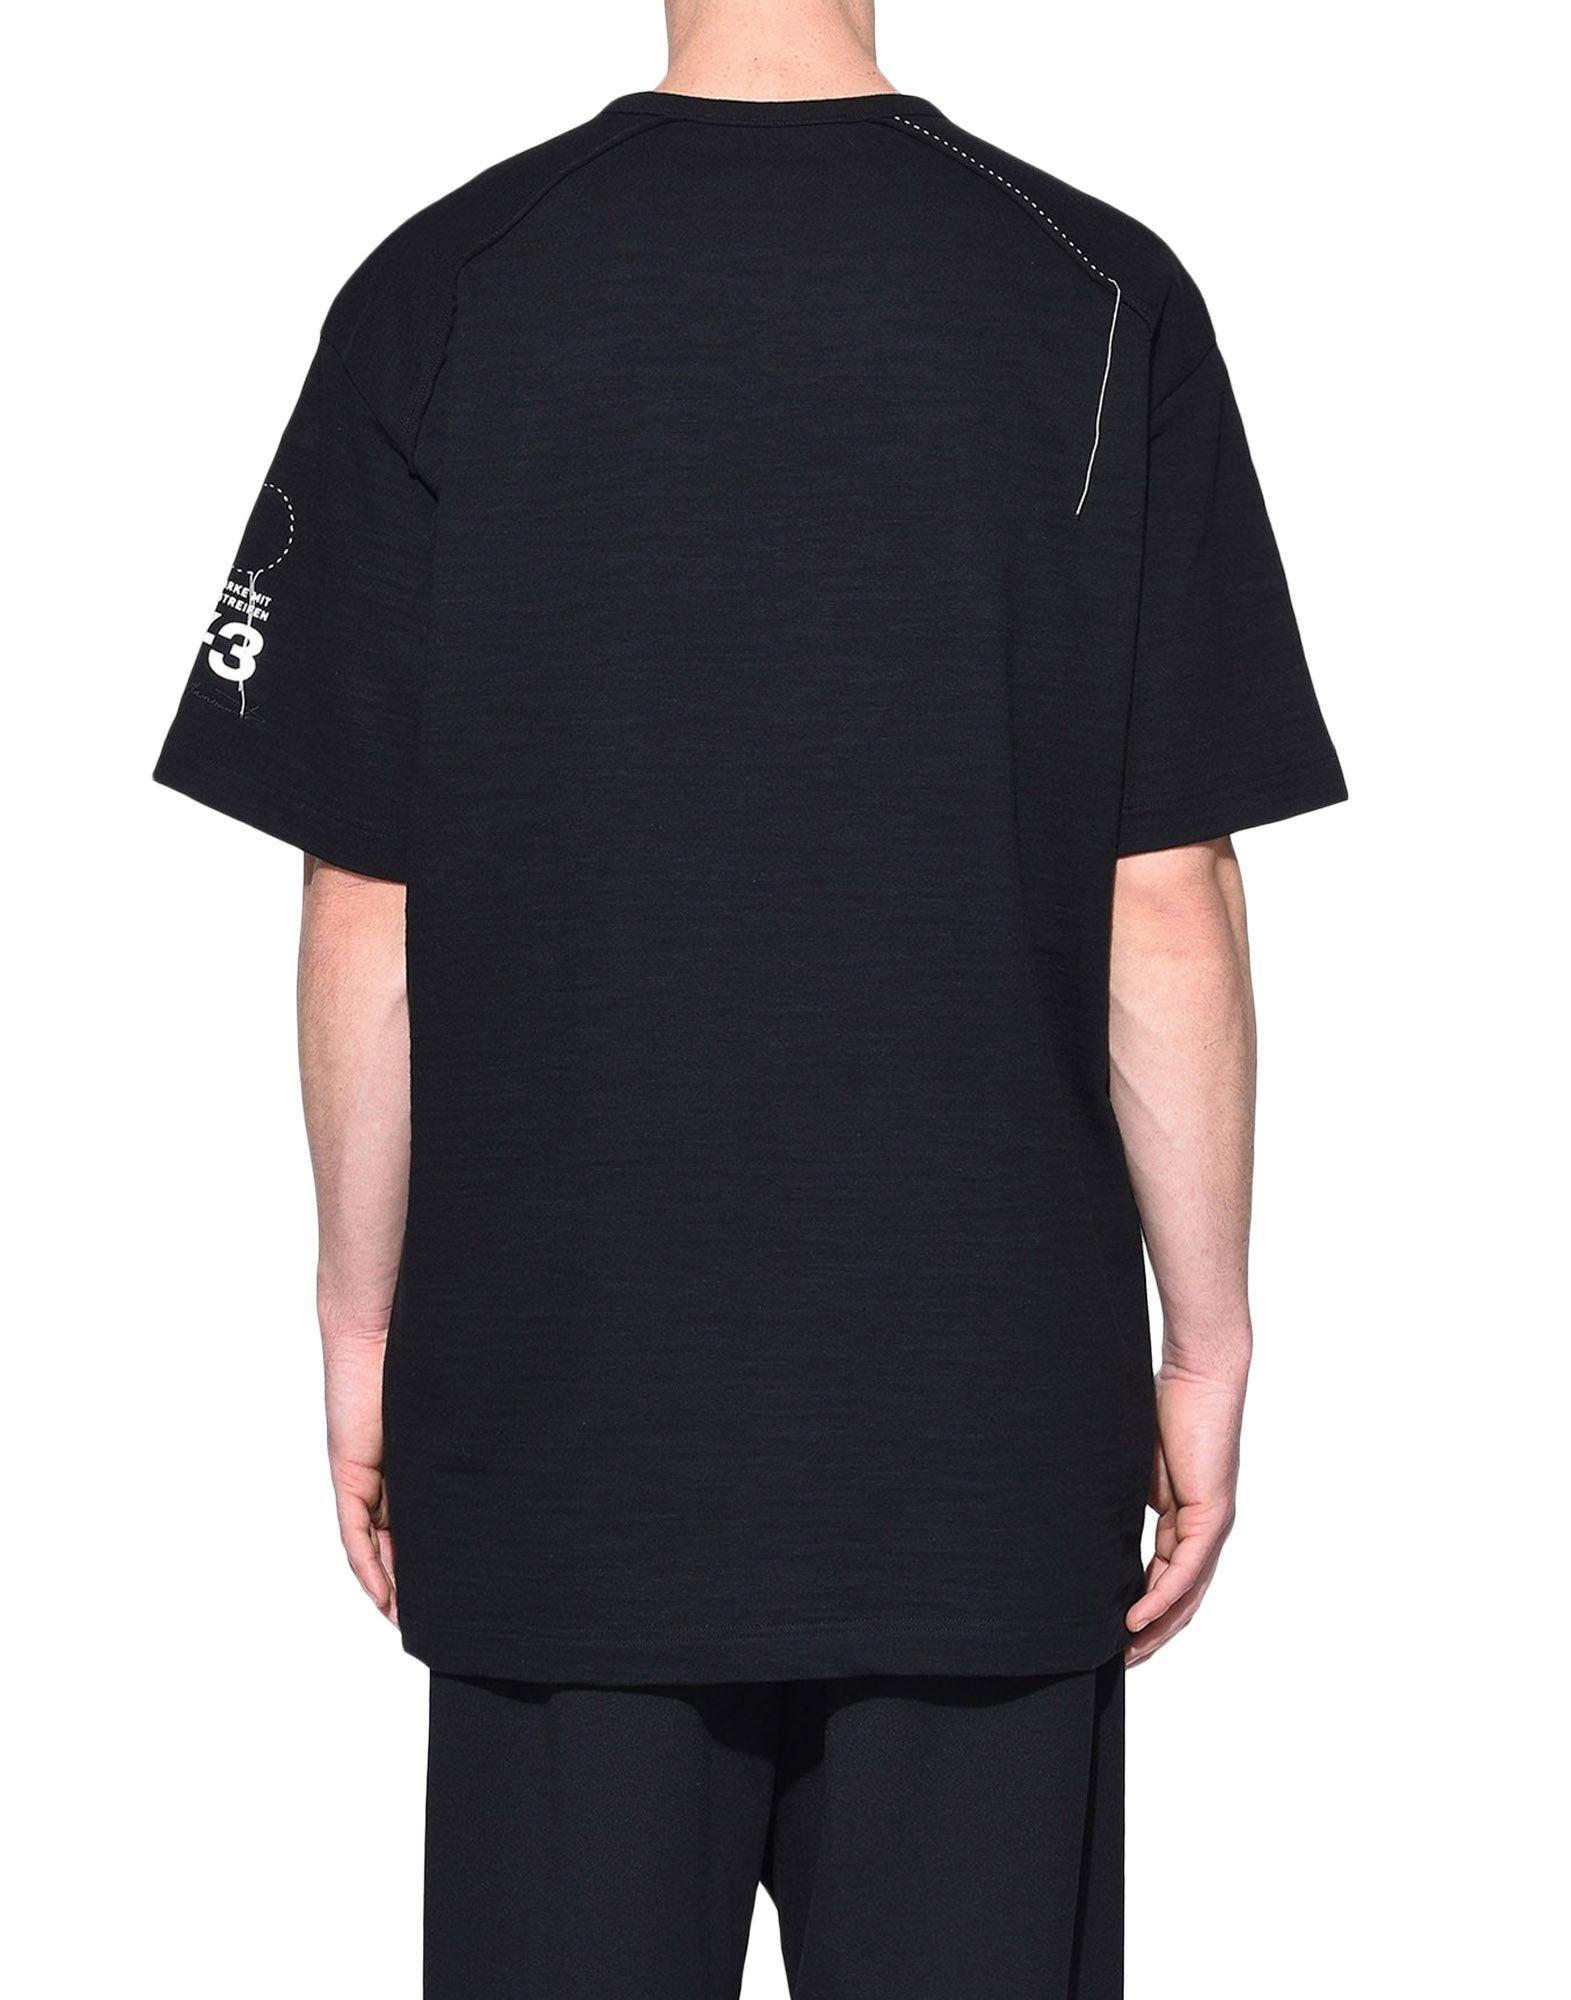 Y-3 Y-3 Sashiko Tee Short sleeve t-shirt Man d